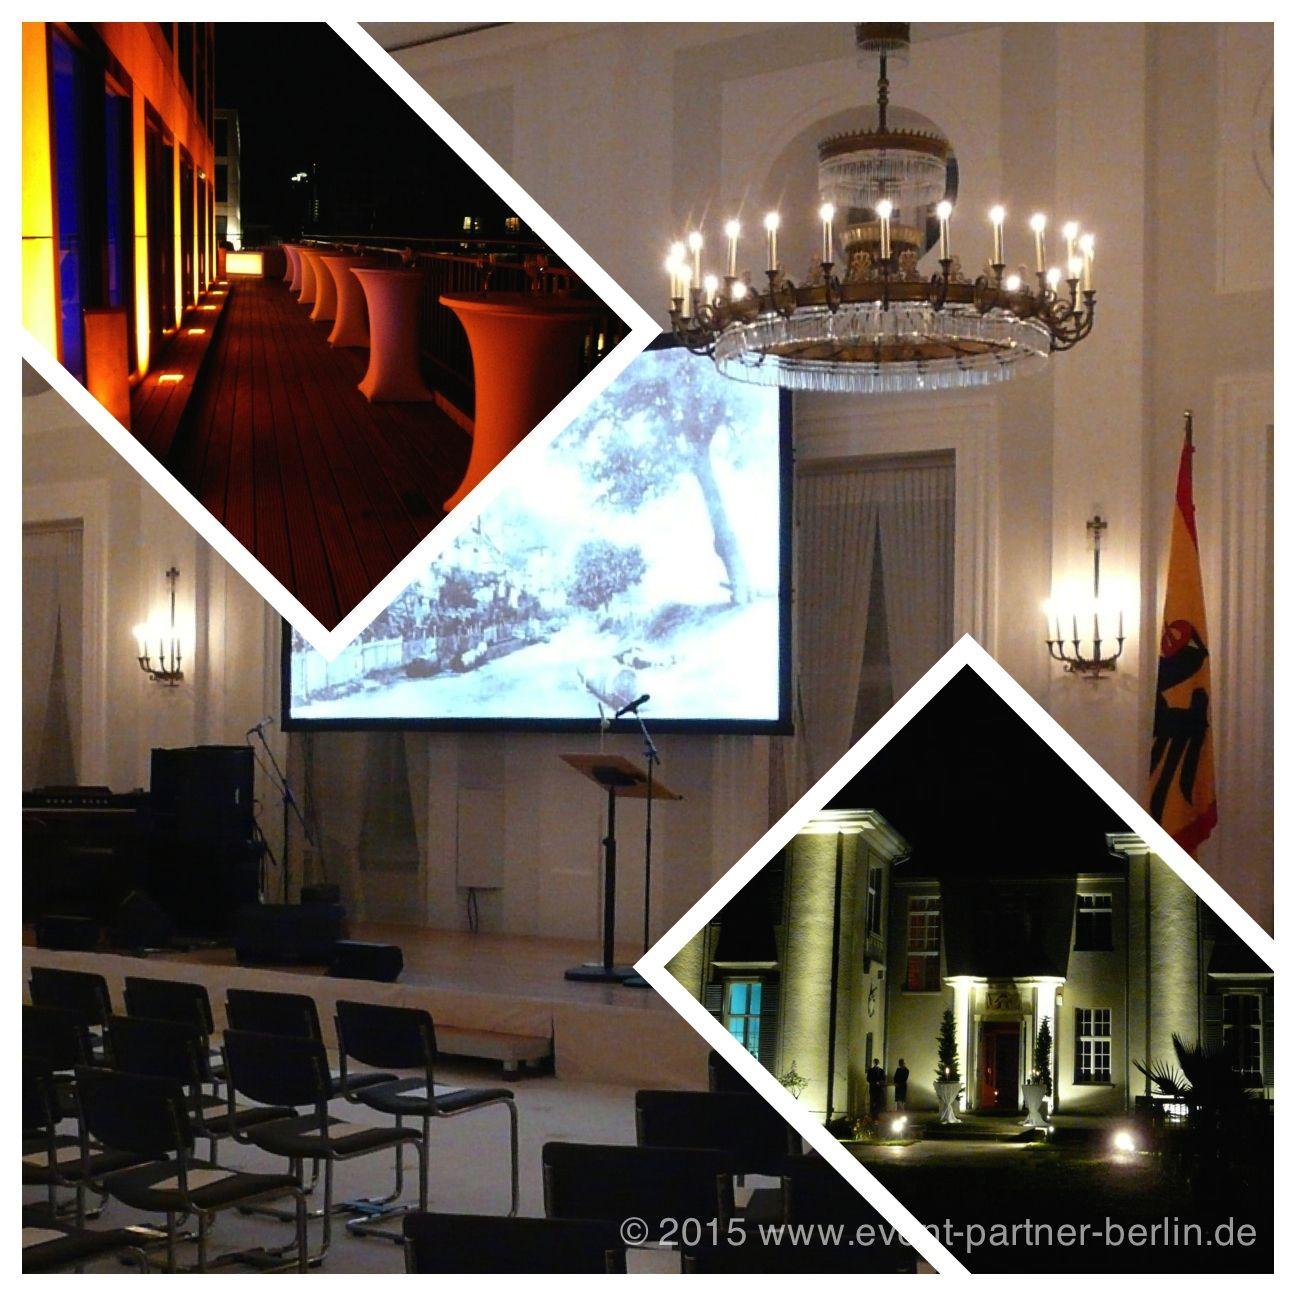 www.event-led.de Berlin Veranstaltungen sind unsere Passion - von Architekturbeleuchtung über Veranstaltungen im Schloss Bellevue bis hin zu elten ehrwürdigen Villen am Wannsee.